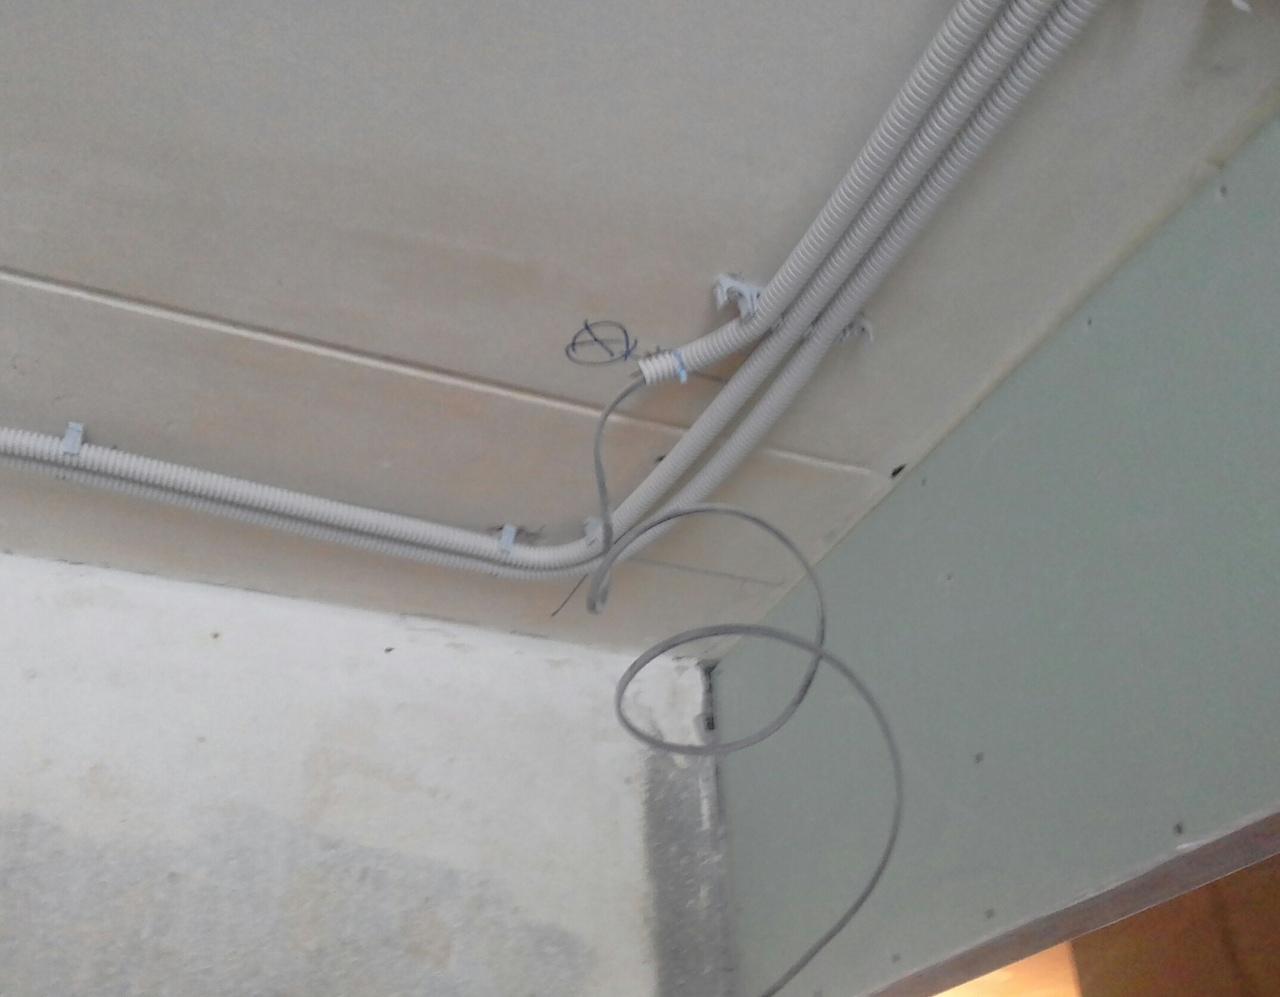 Профессиональный монтаж электропроводки в однокомнатной квартире по адресу город Москва, улица Бутырская, 19к1